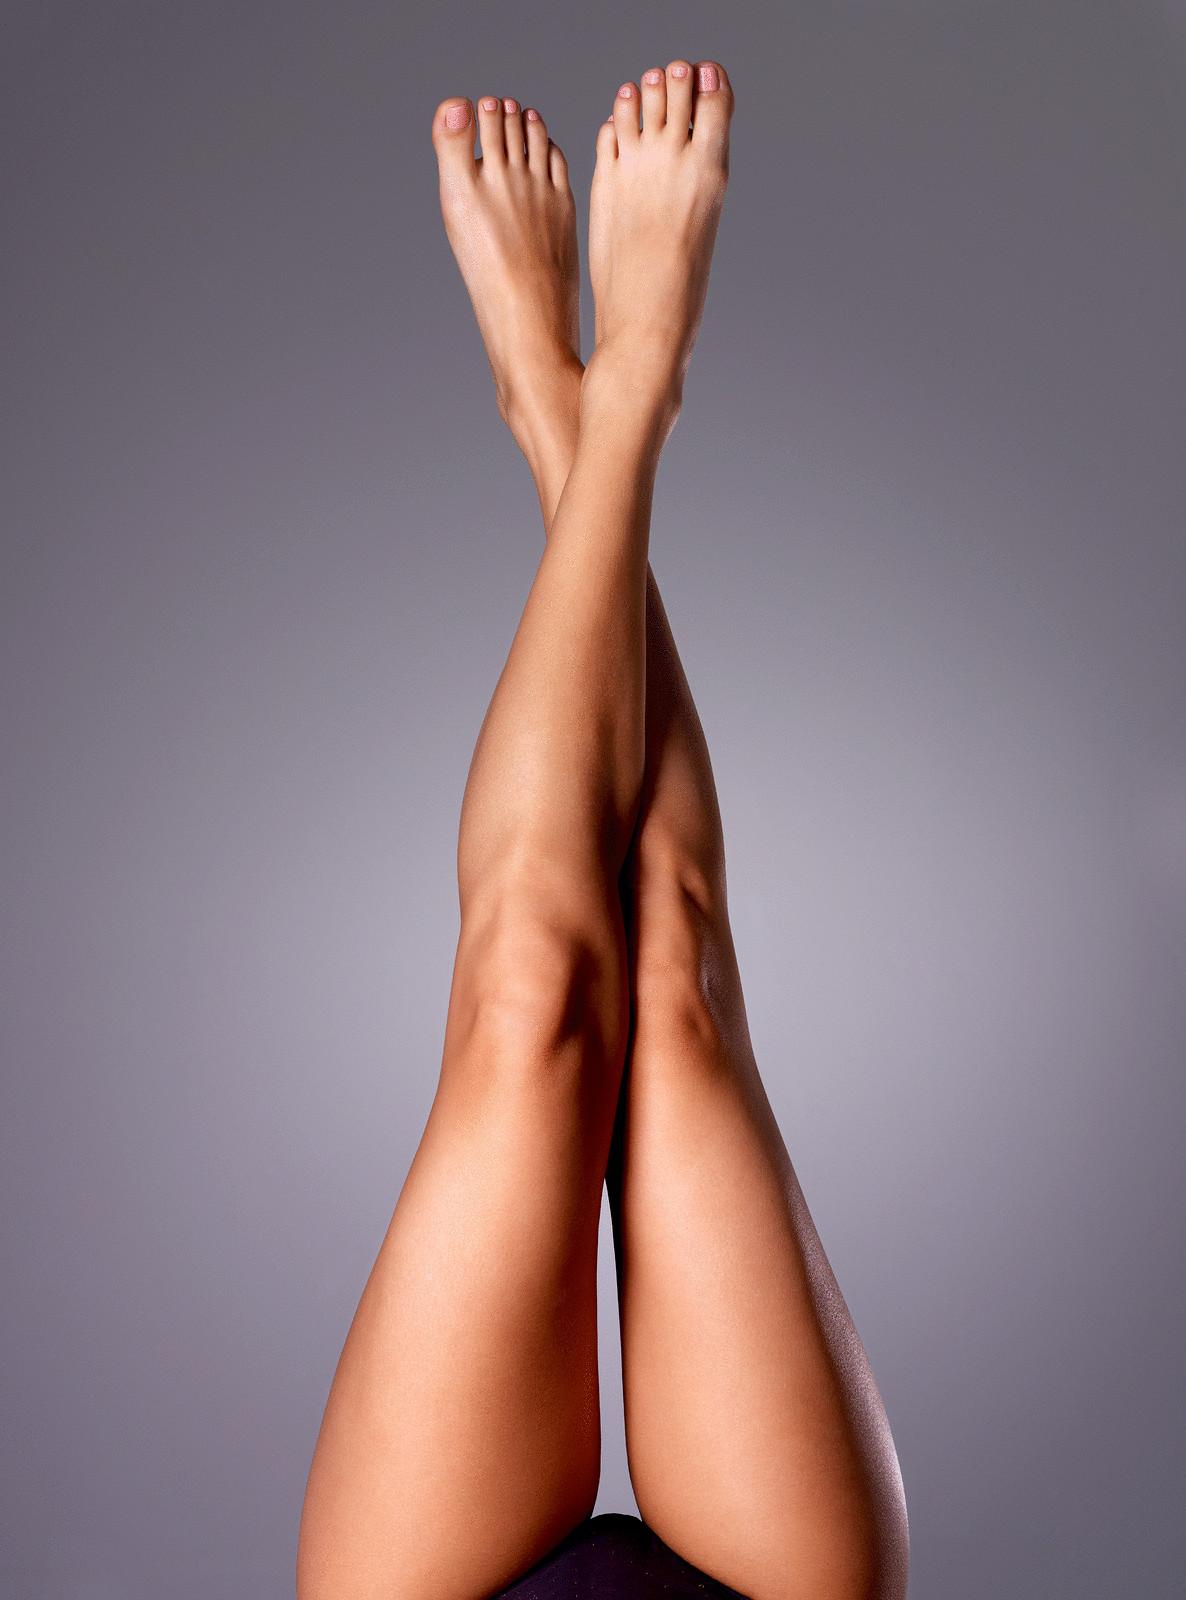 Лечение грибка на ногах народными средствами: фитотерапия, сода и уксус. Рецепты лечения грибка на ногах народными средствами - Женское мнение